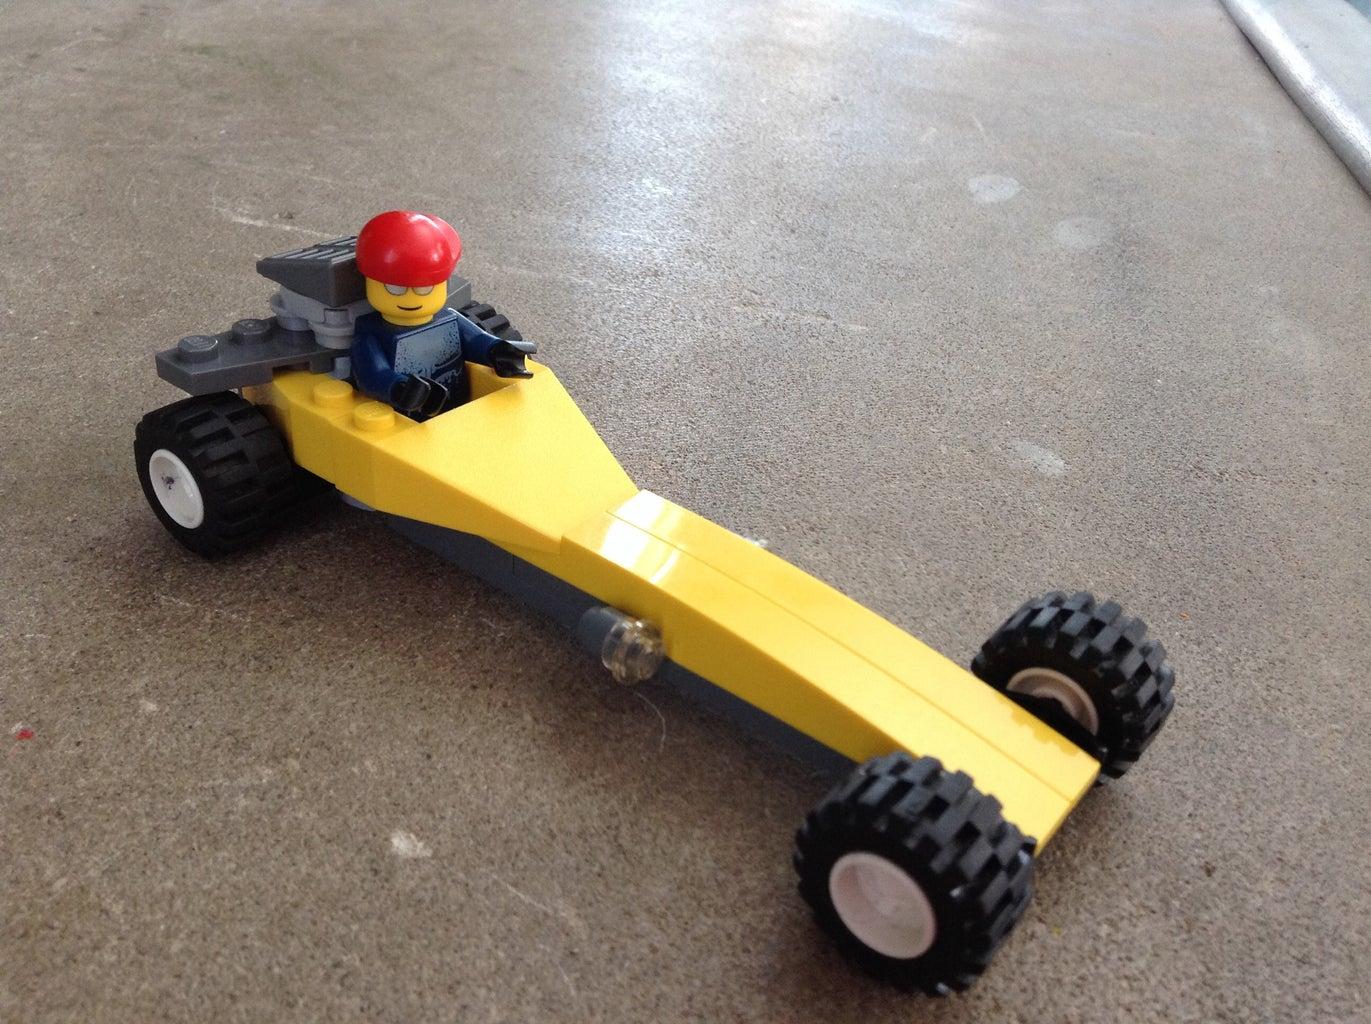 The Ultimate Lego Dune Buggy